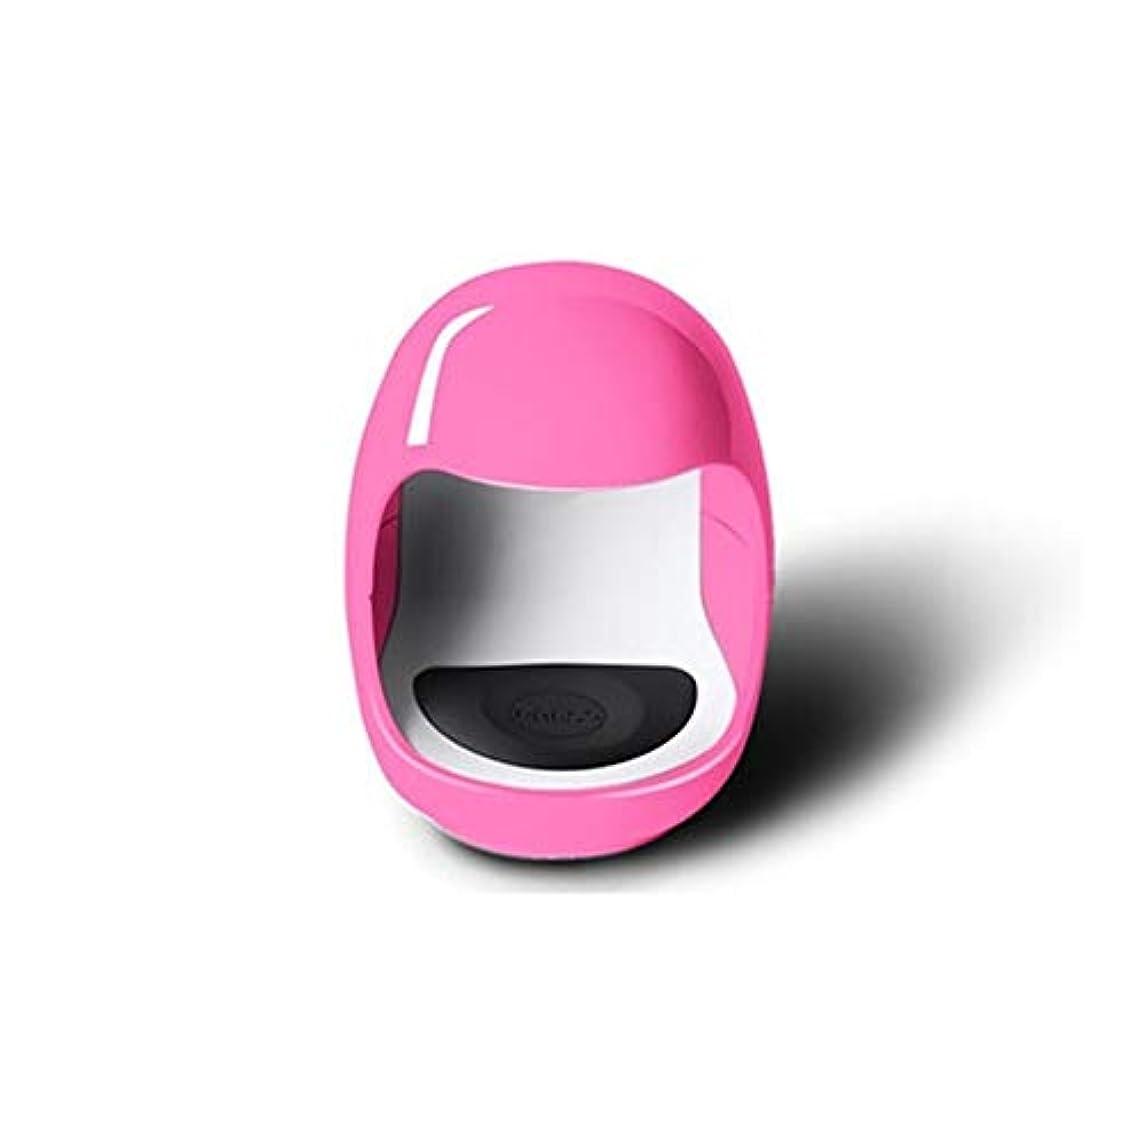 シェトランド諸島ポンプ哲学LittleCat ネイル光線療法のミニUSB太陽灯ライトセラピーランプLEDランプ速乾性ネイルポリッシュベーキングゴム (色 : Pink without data cable)